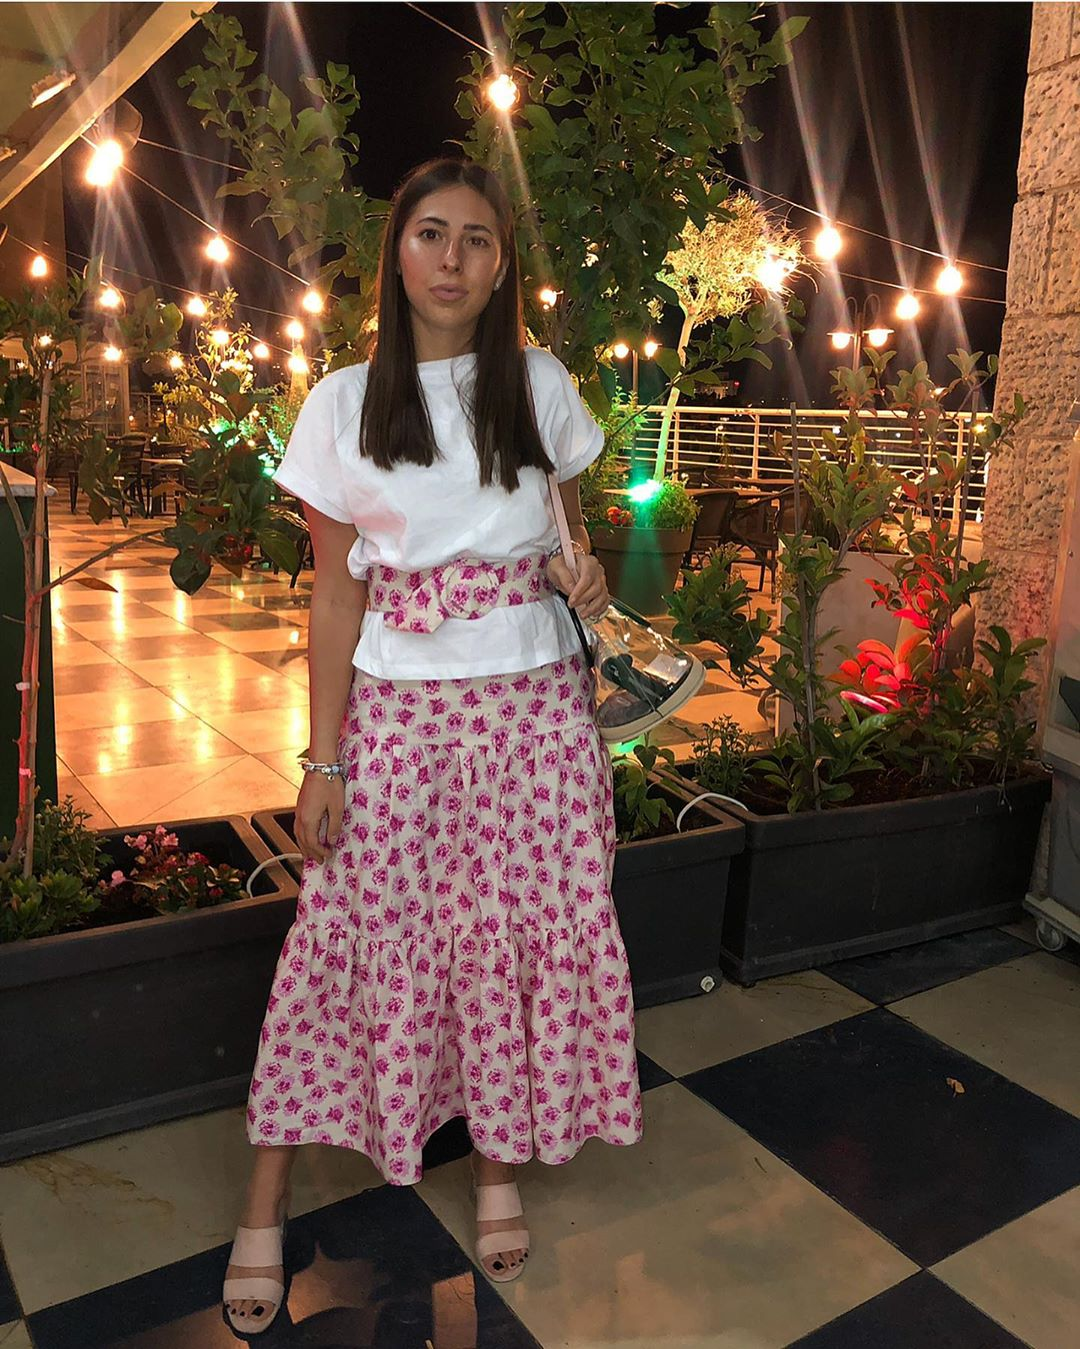 printed skirt with belt de Zara sur shiri_bleich